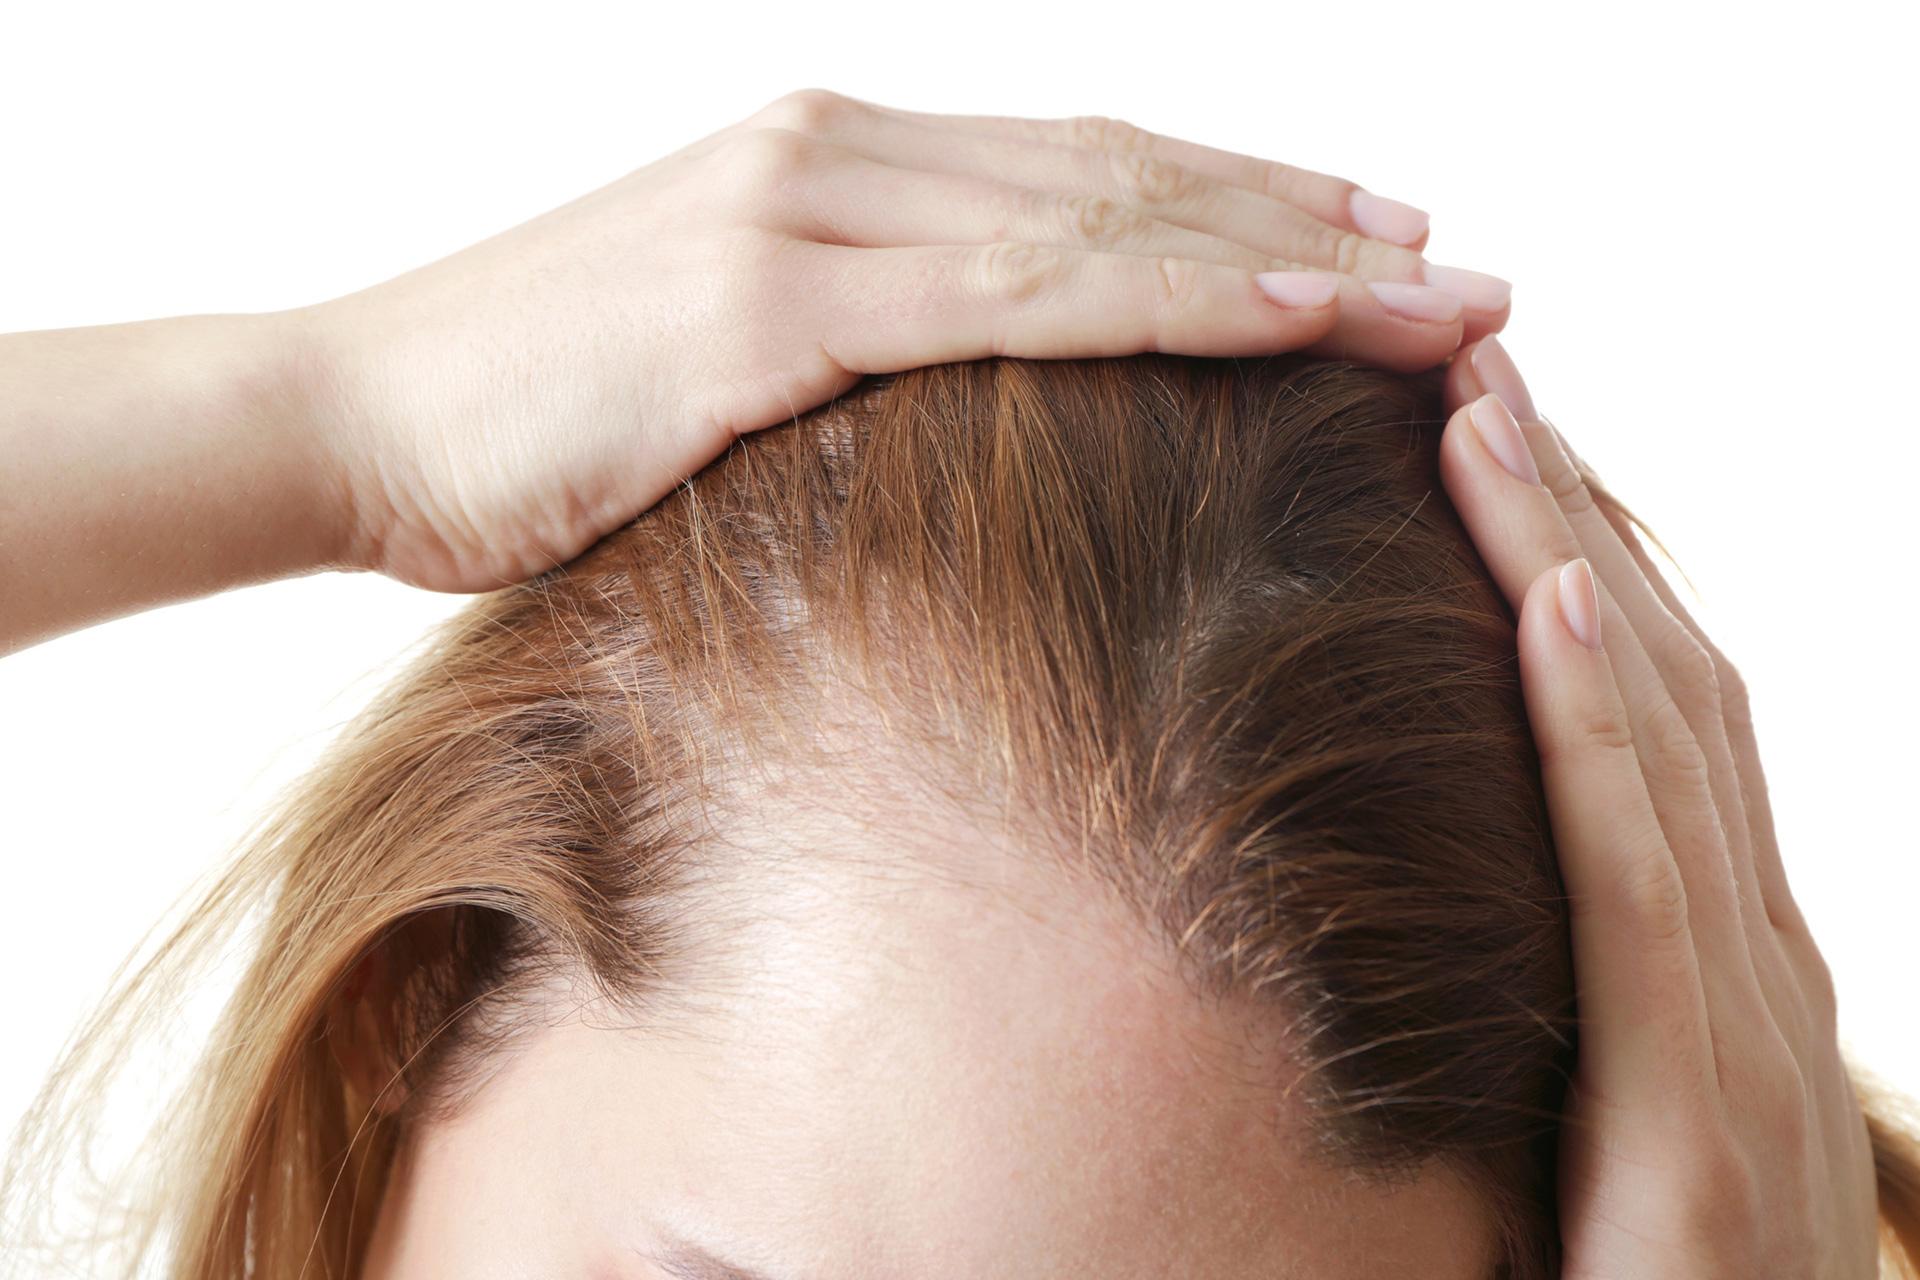 مدیریت ریزش موها پس از زایمان